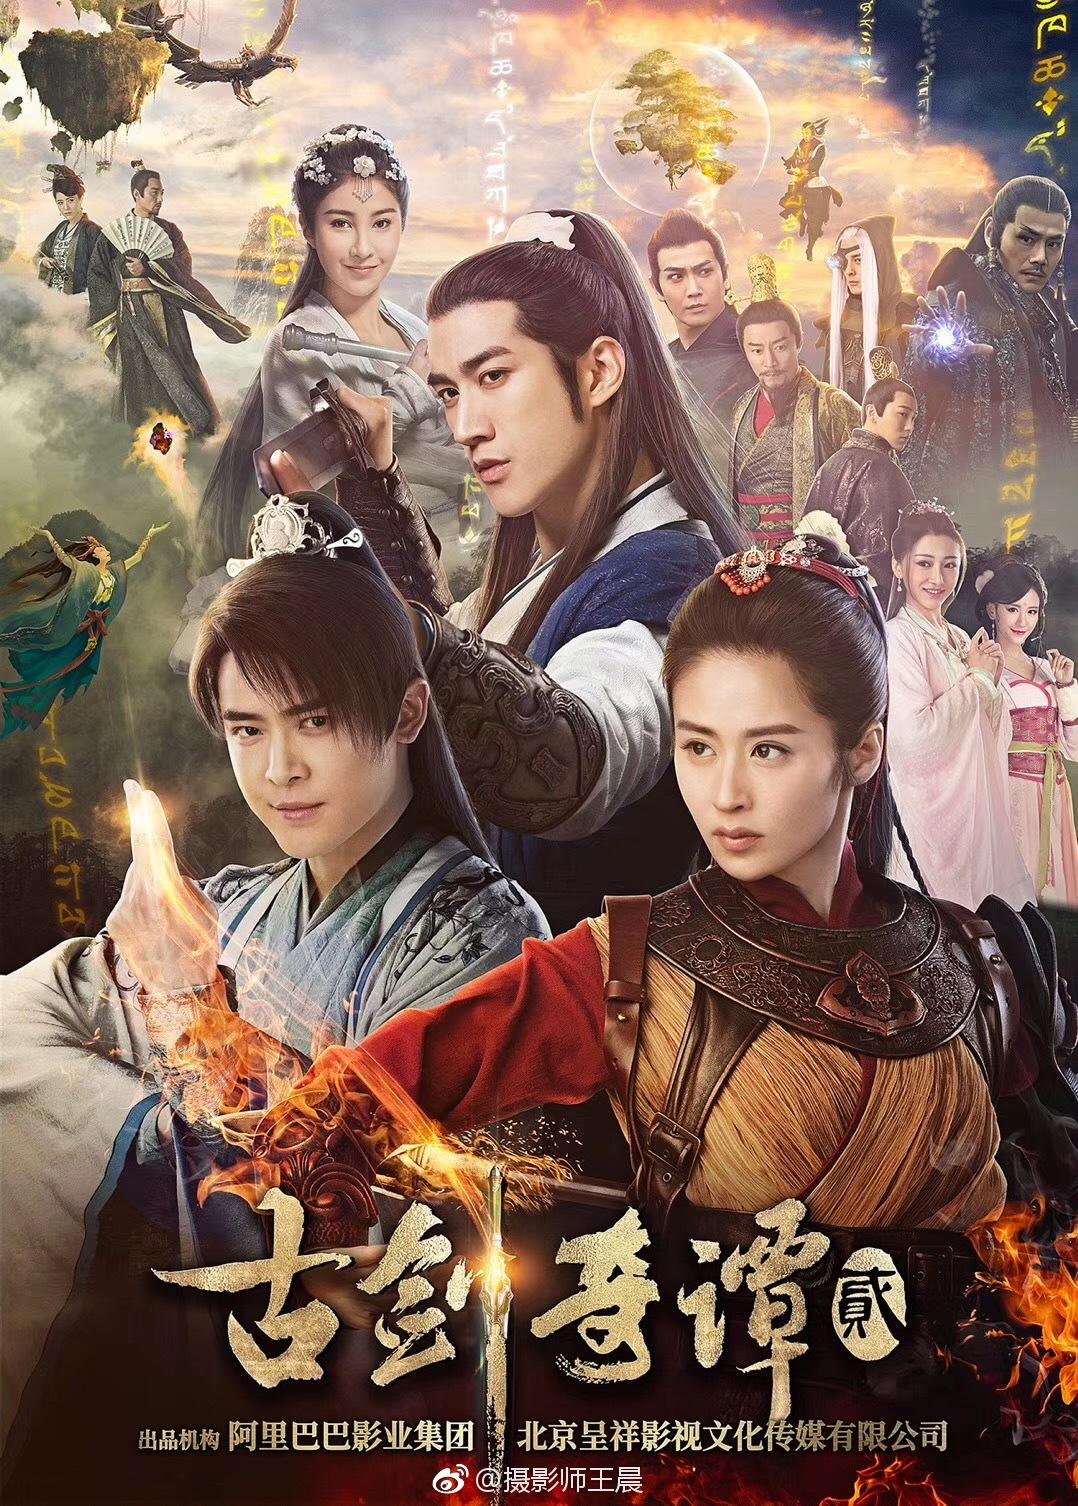 Jane Zhang Sword of Legends 2